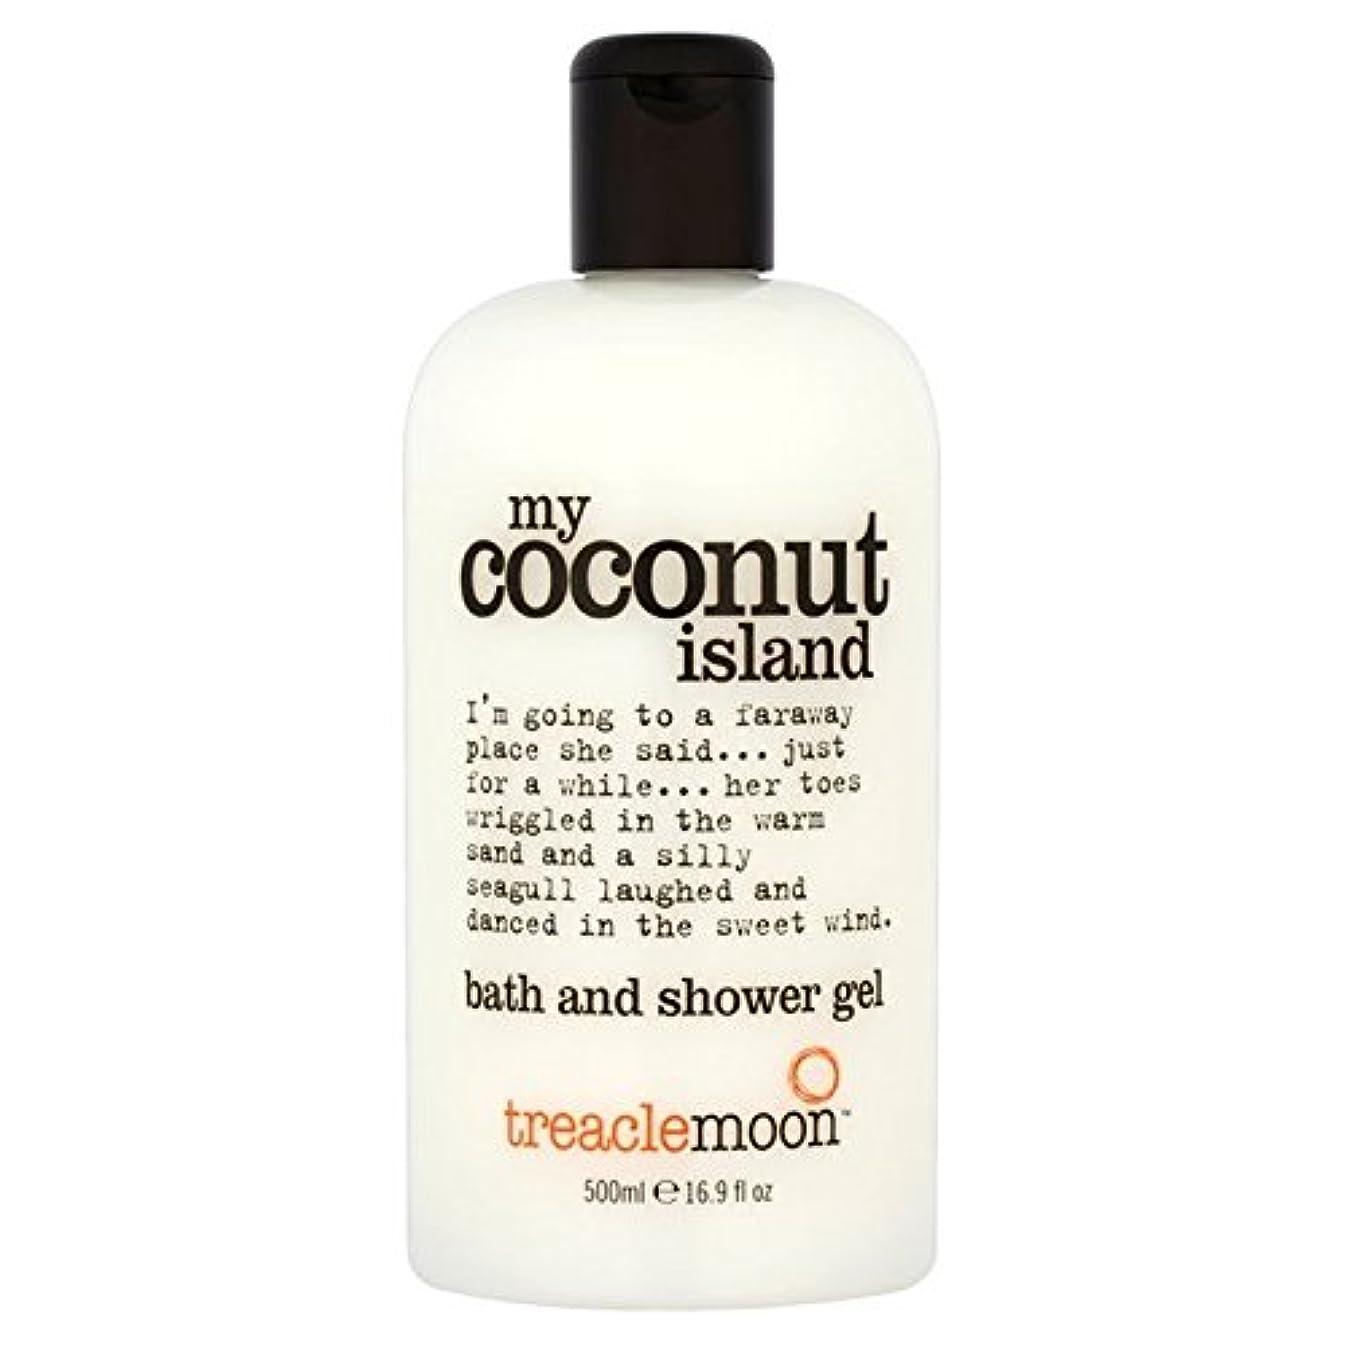 テクニカル立ち向かう残るTreacle Moon Coconut Island Bath & Shower Gel 500ml - 糖蜜月ココナッツ島のバス&シャワージェル500ミリリットル [並行輸入品]